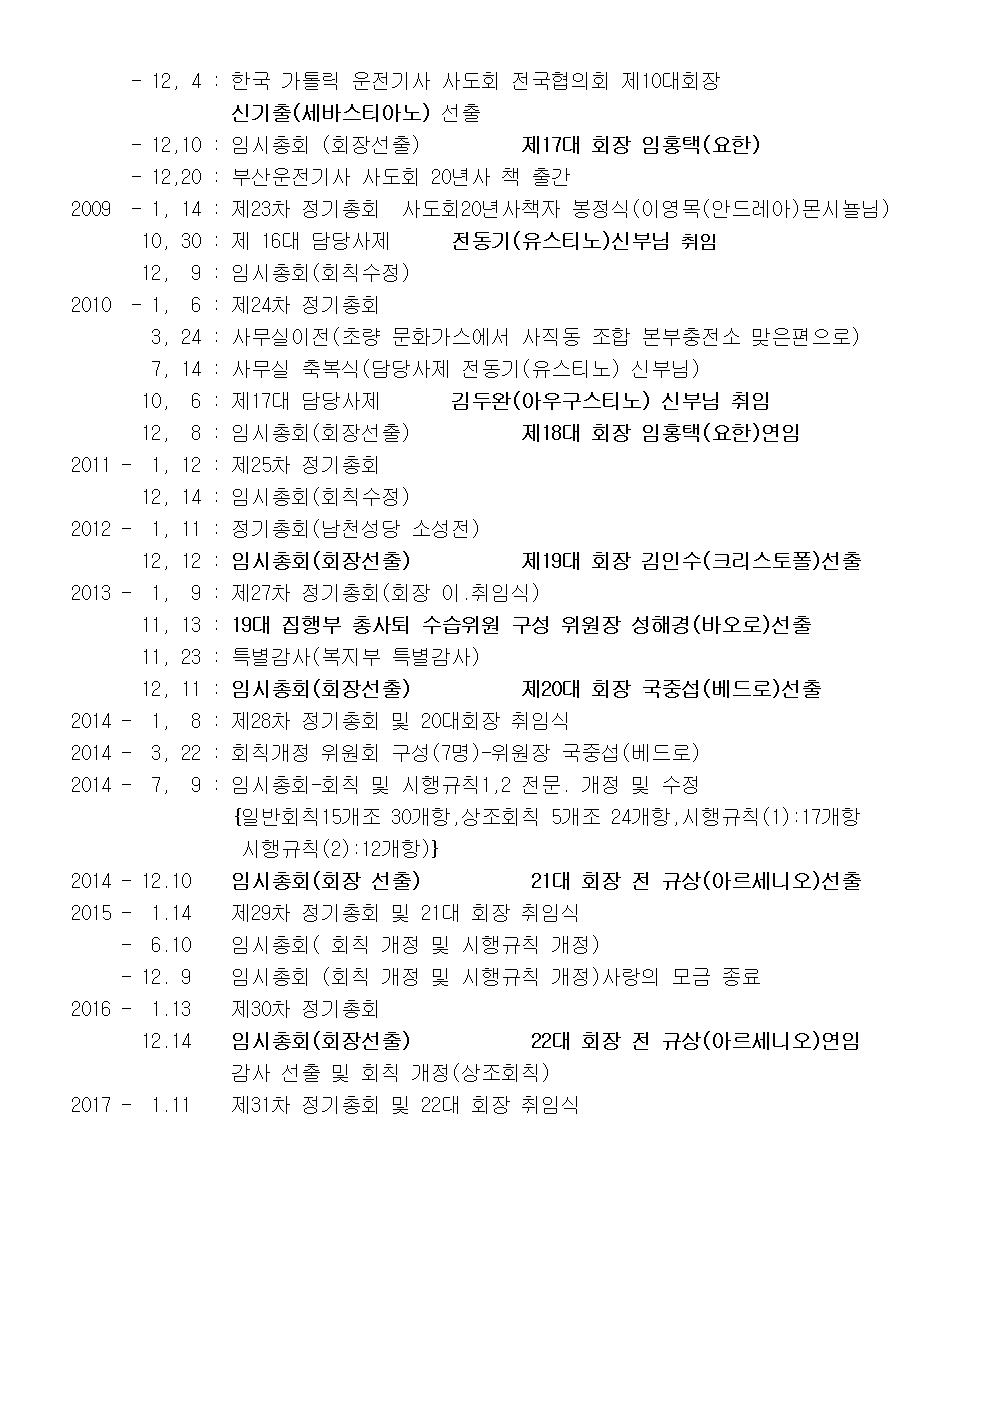 사도회 연혁003.png